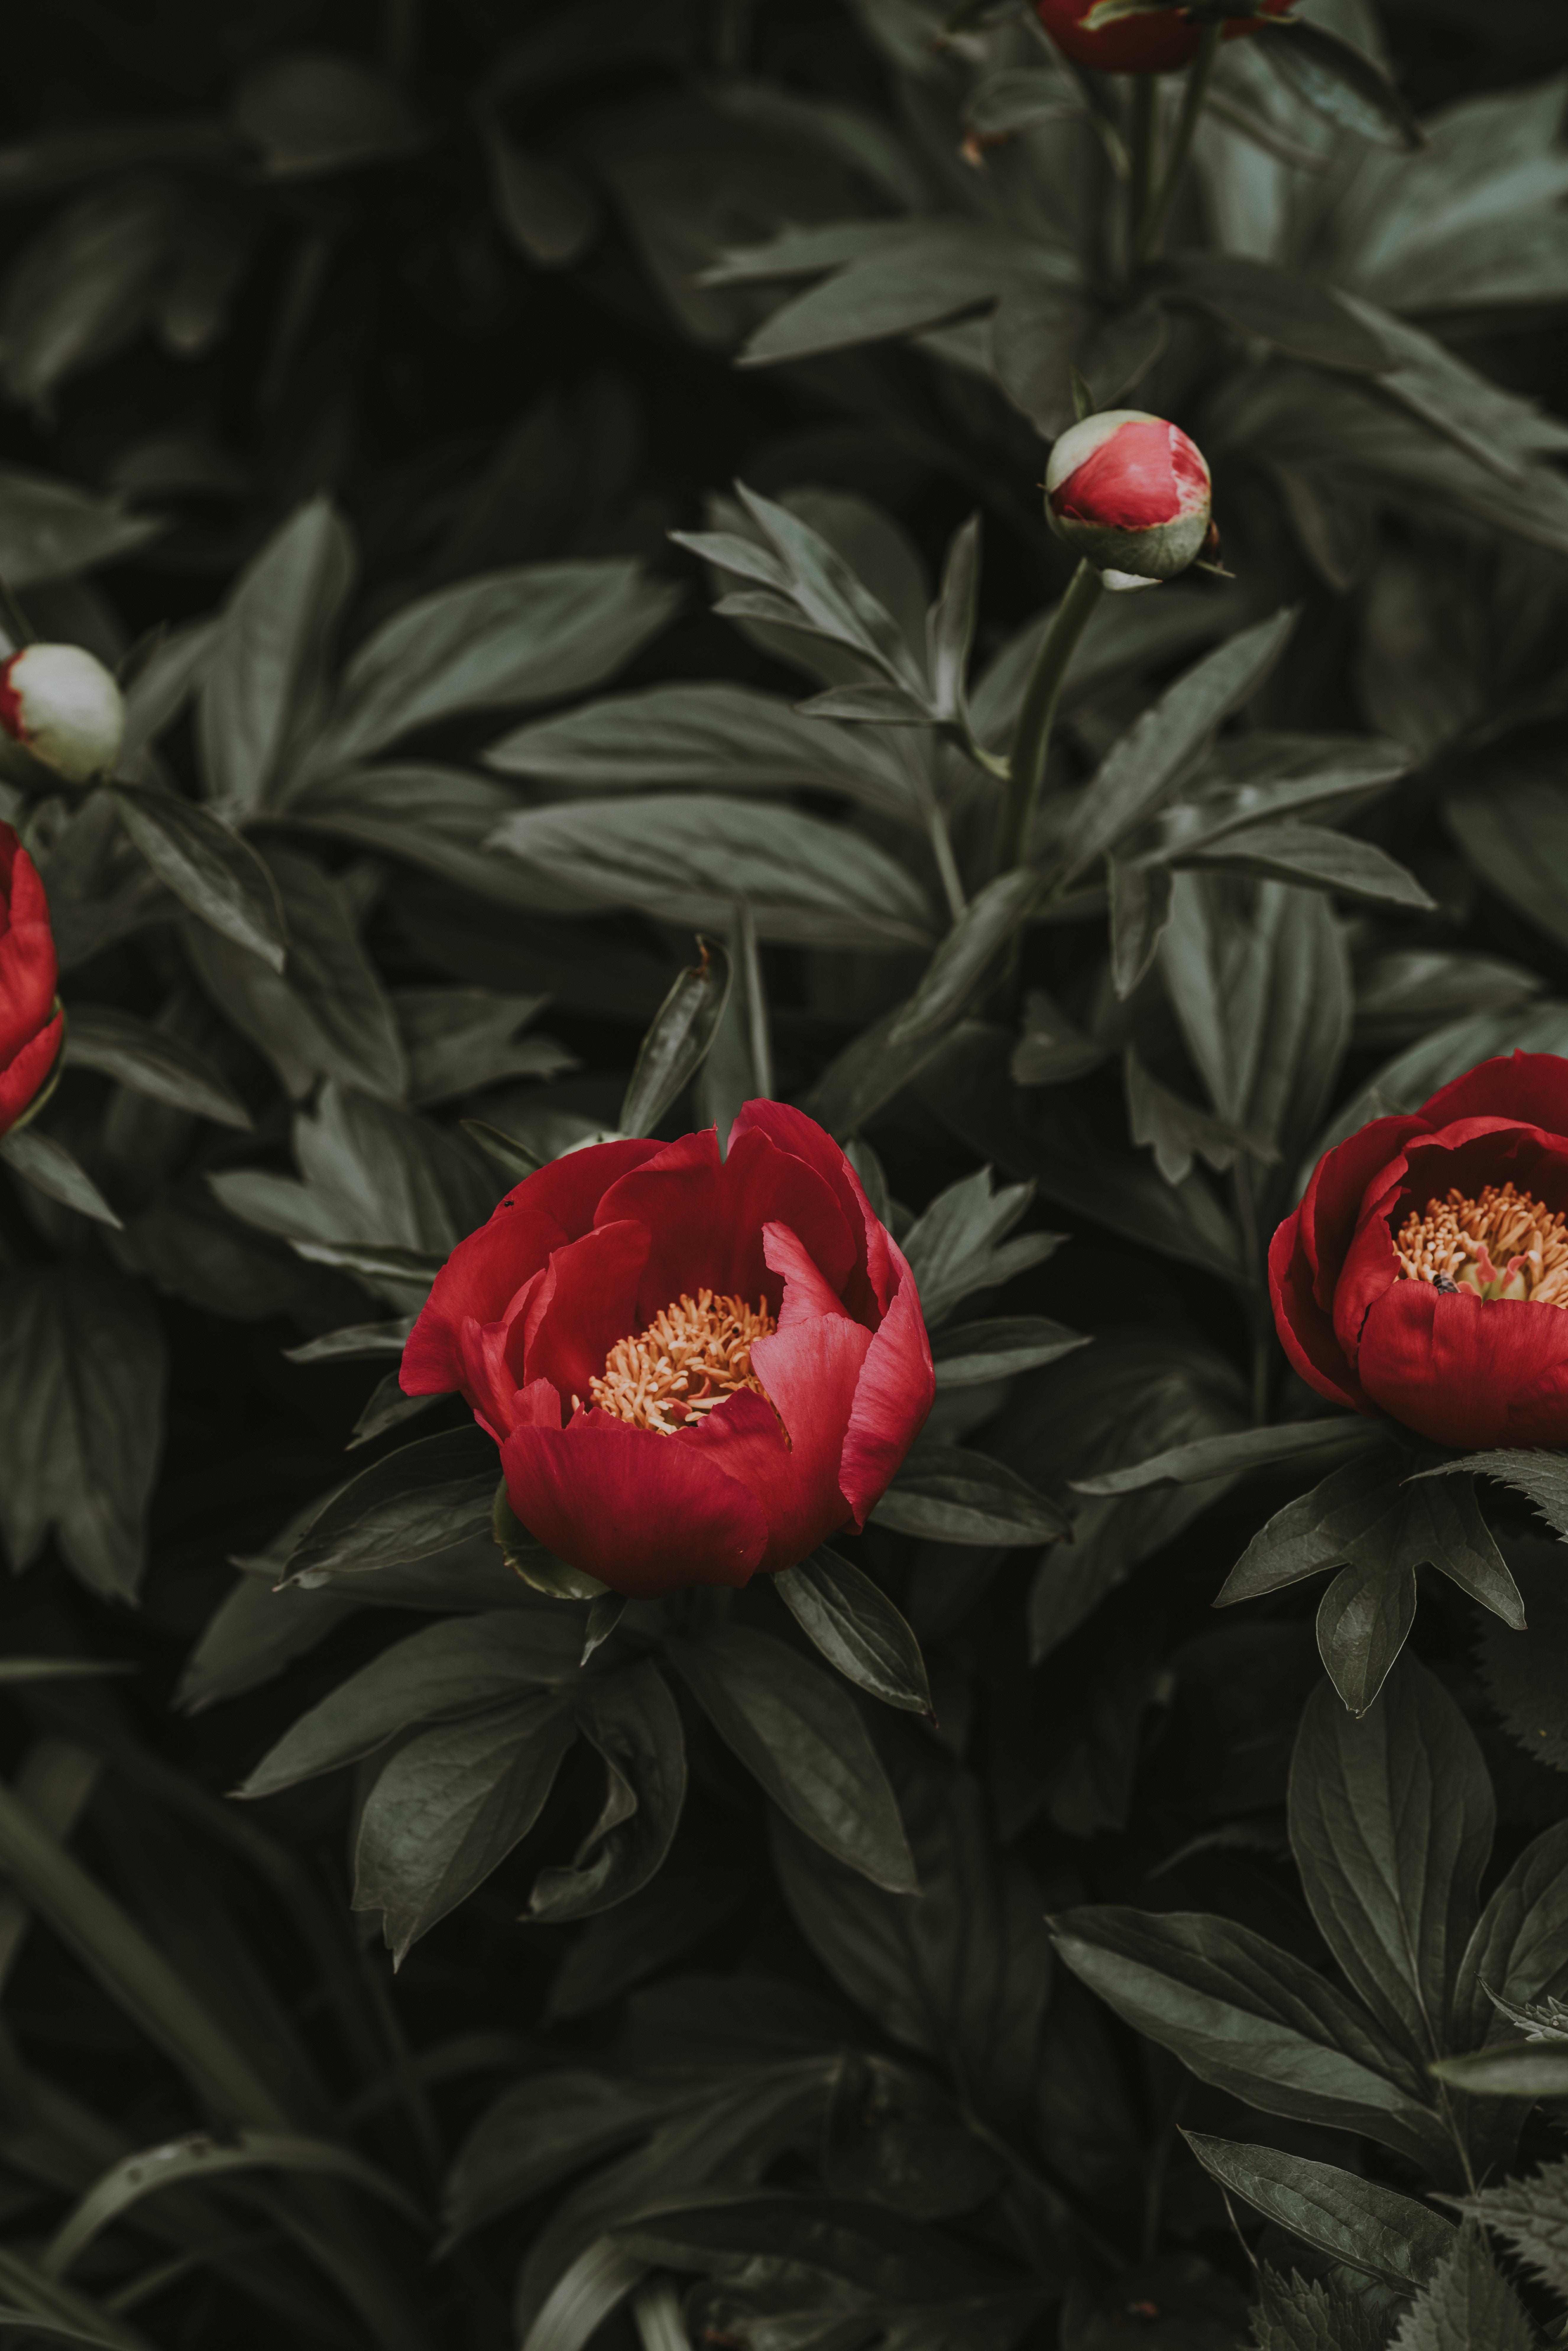 80790 скачать обои Пионы, Цветы, Листья, Красный, Клумба - заставки и картинки бесплатно